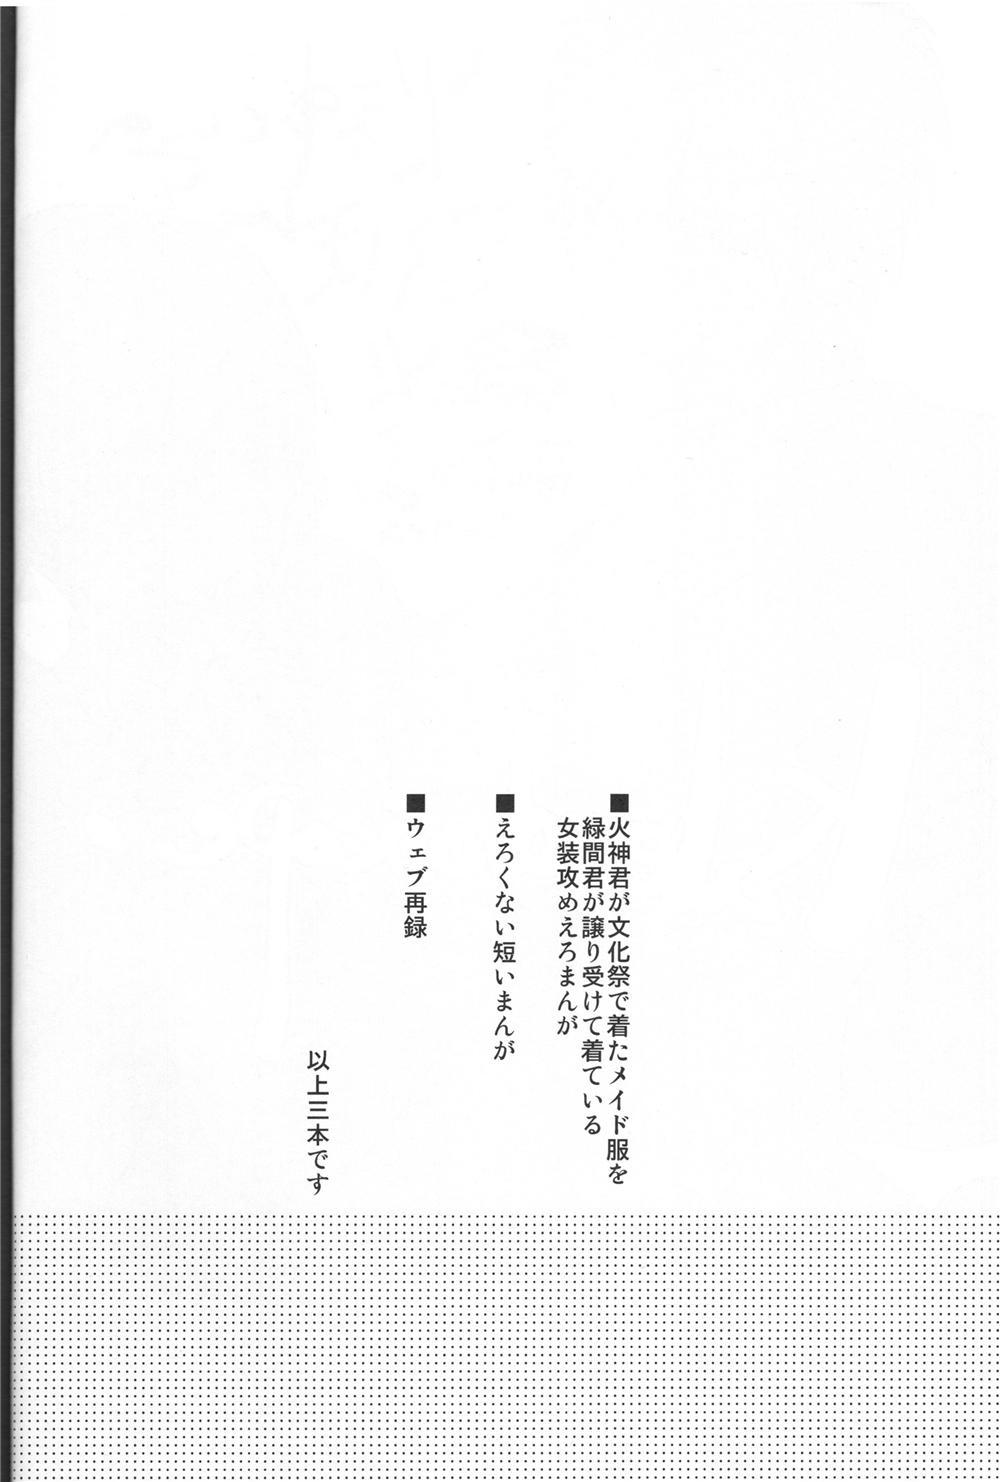 Kaleidoscope Kagami-kun no Erohon 5 2